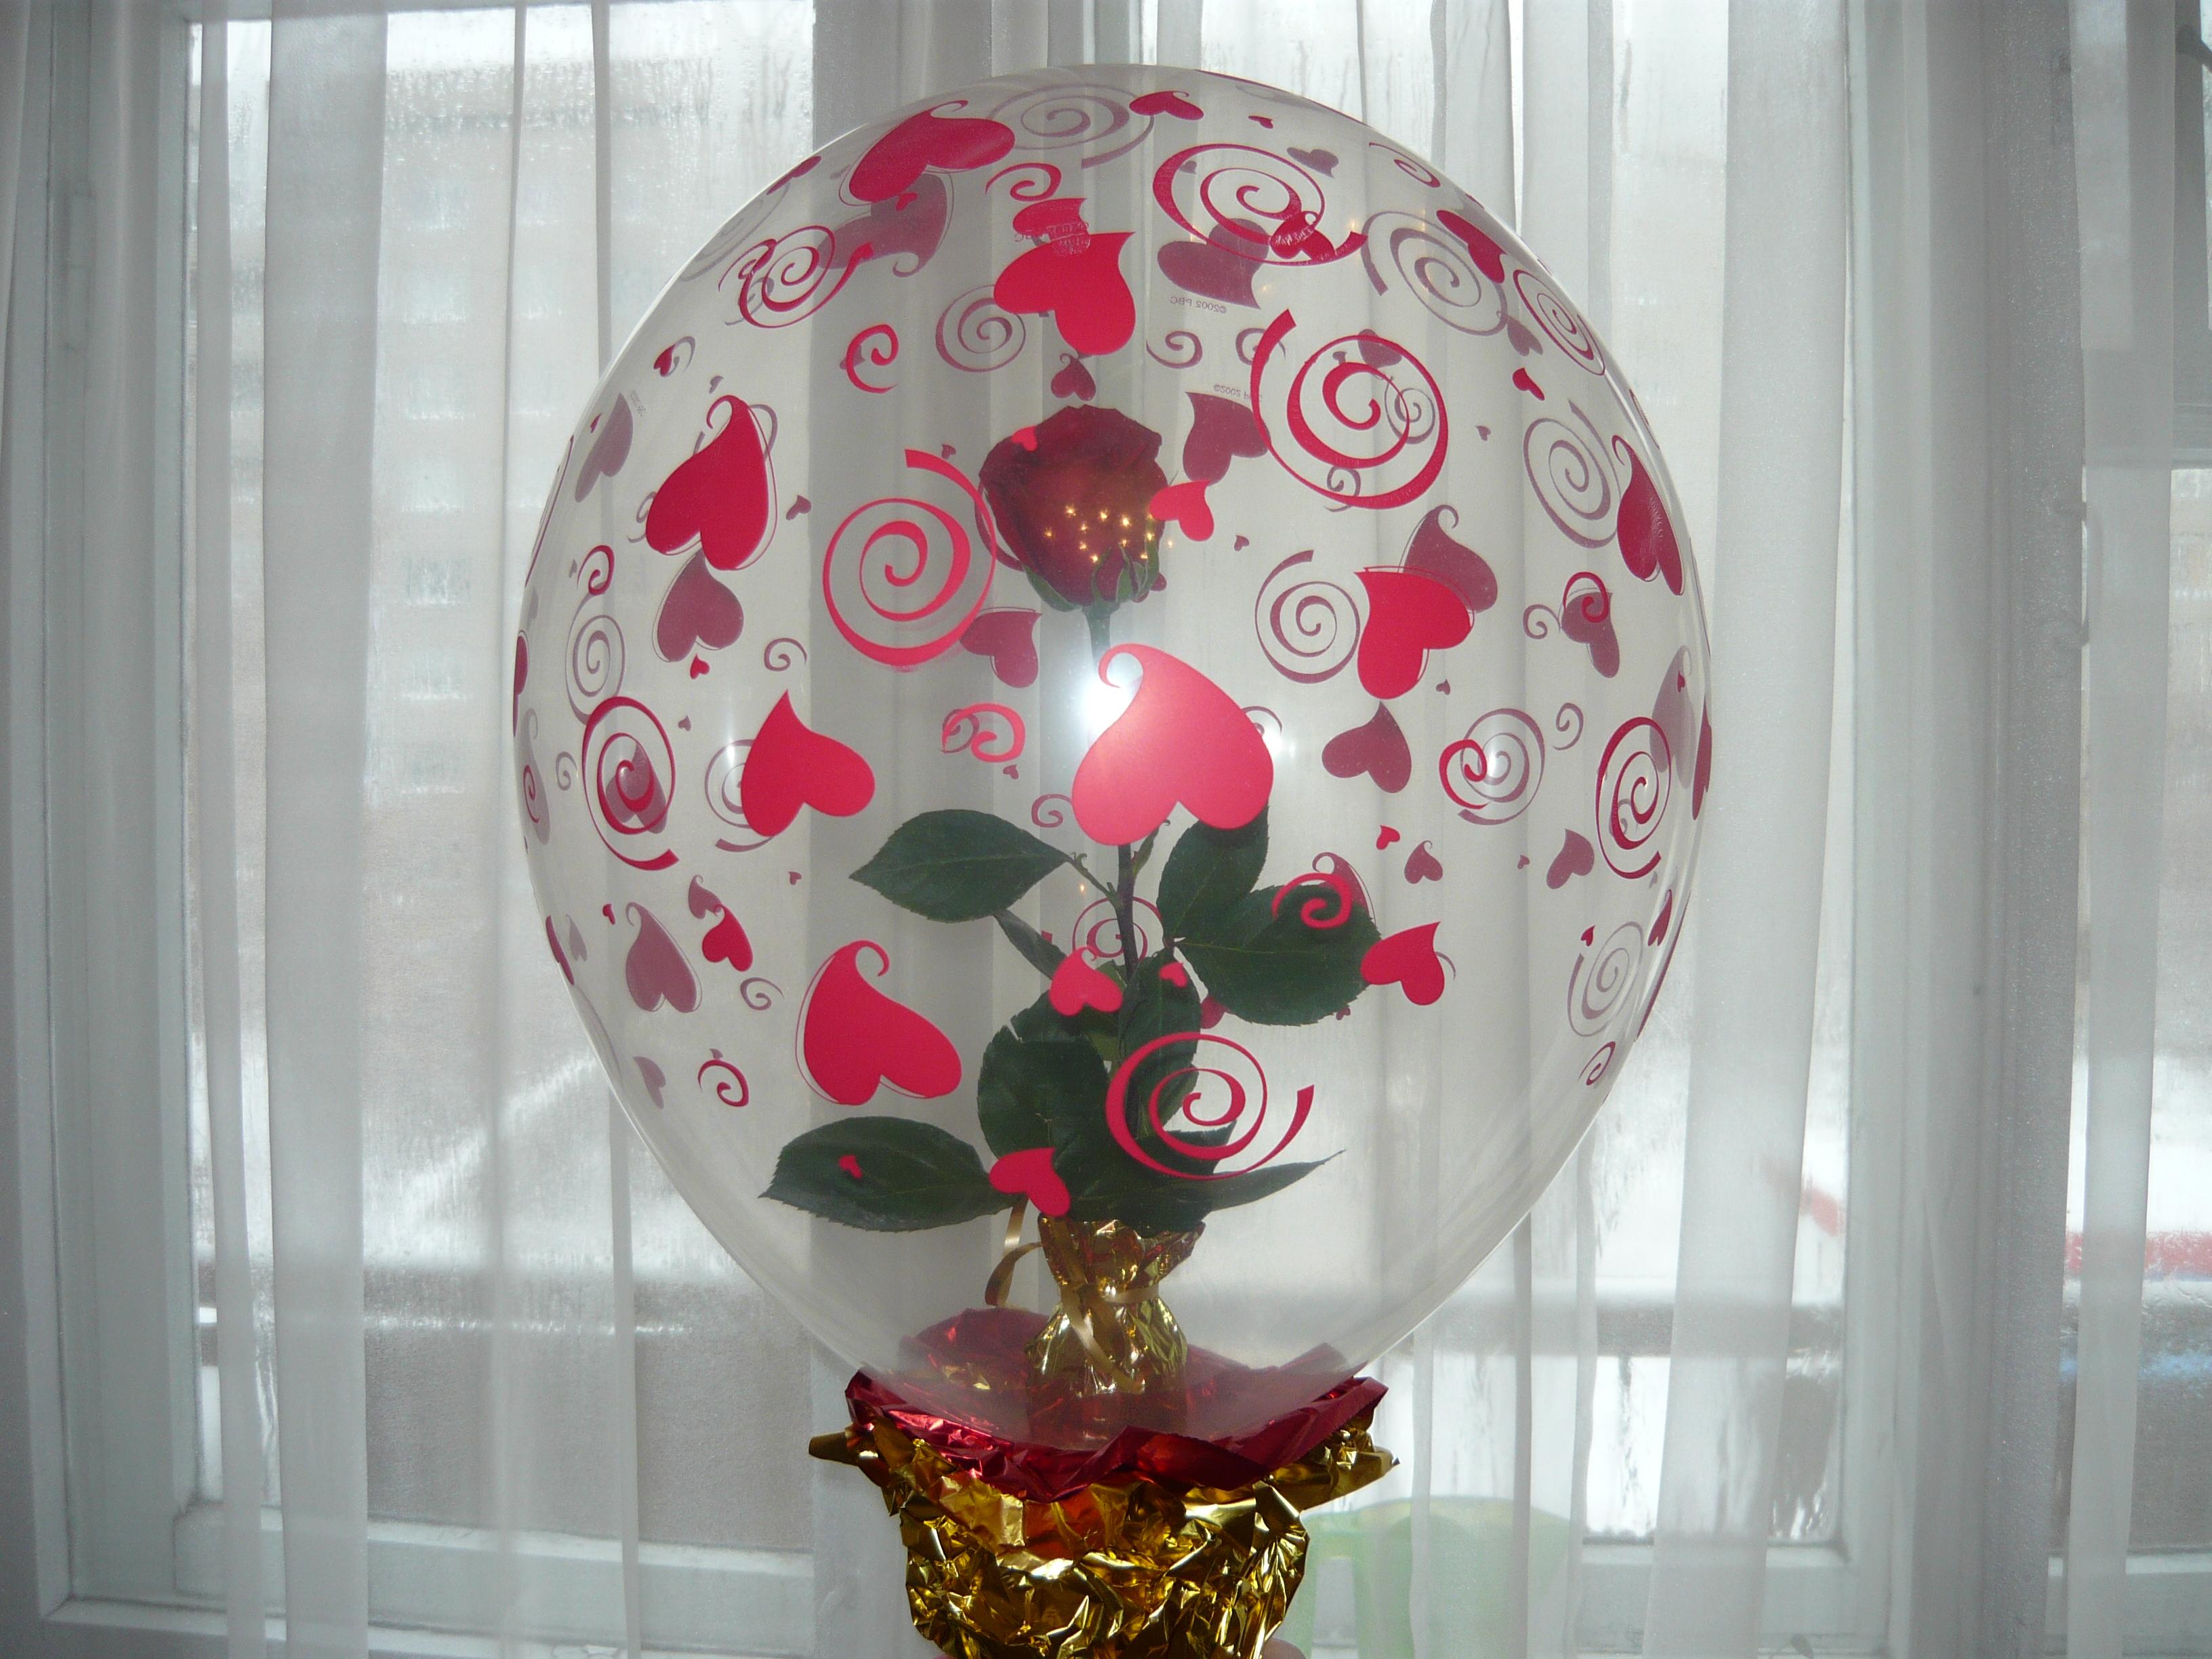 Как сделать шар сюрприз из воздушных шаров. - Своими руками 69